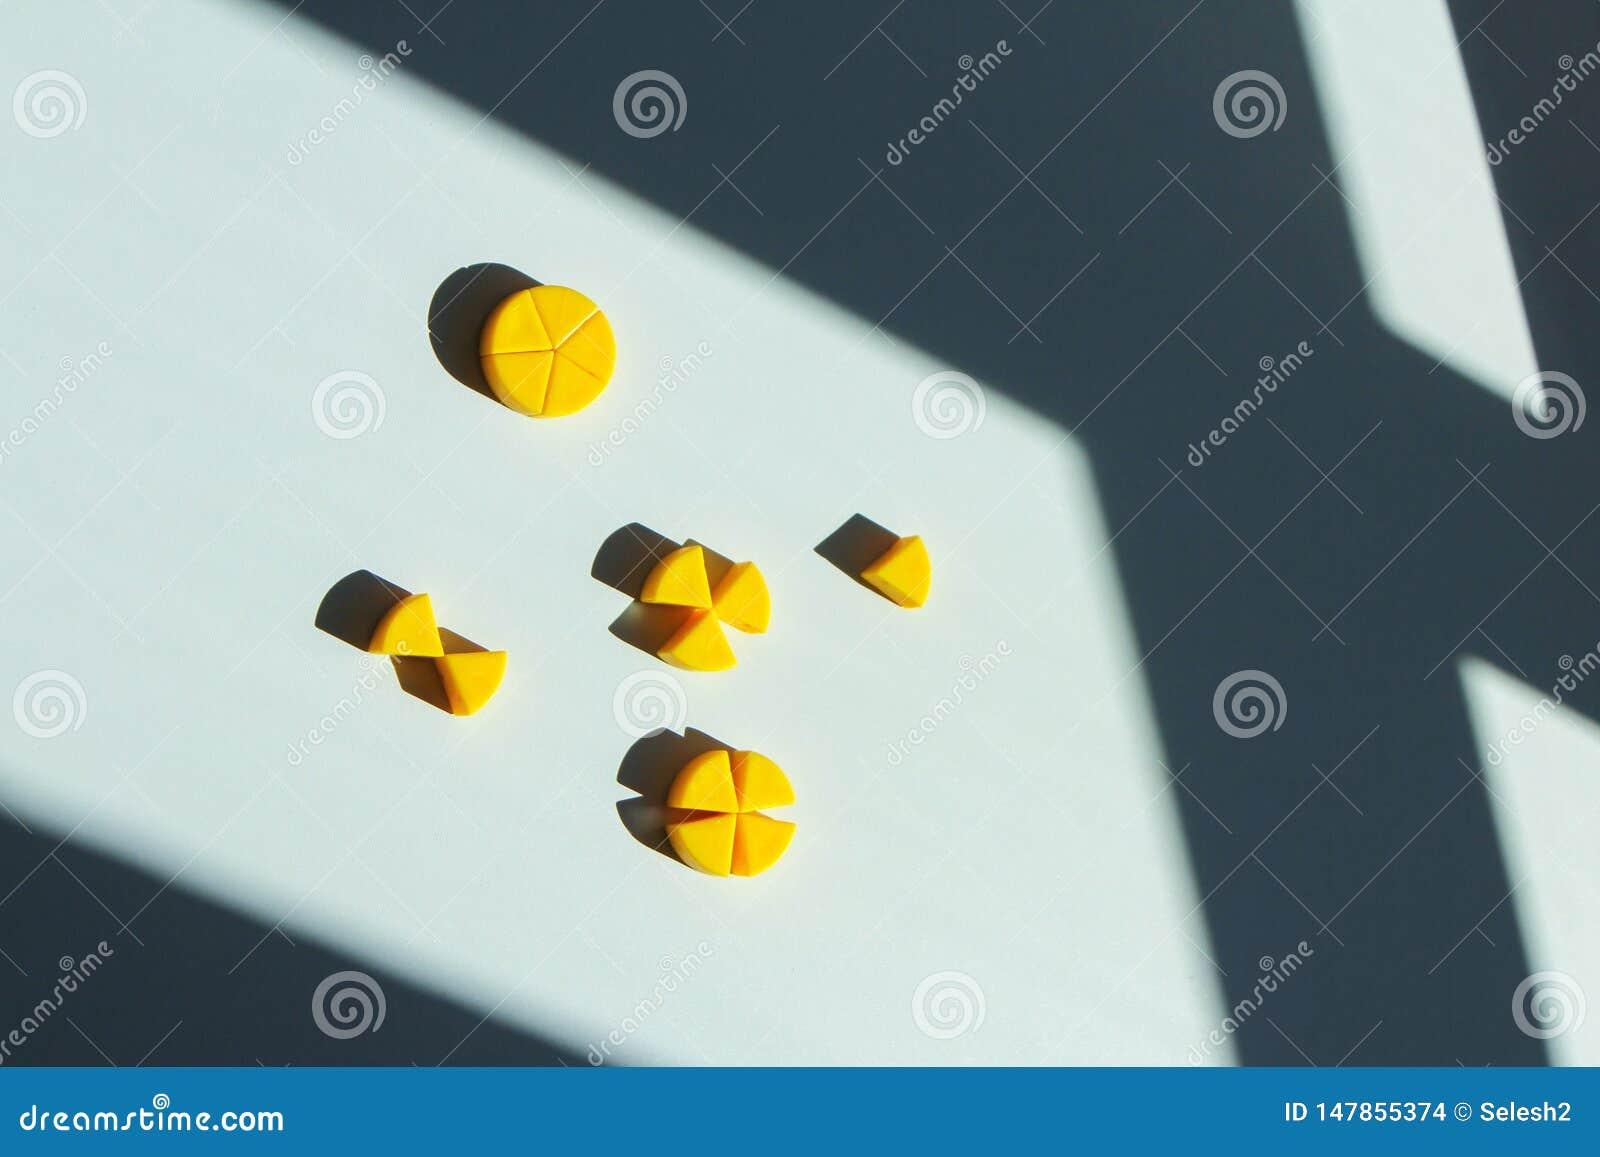 Quesos del juguete cortados en pedazos concepto de fracciones matem?ticas y partes de un conjunto